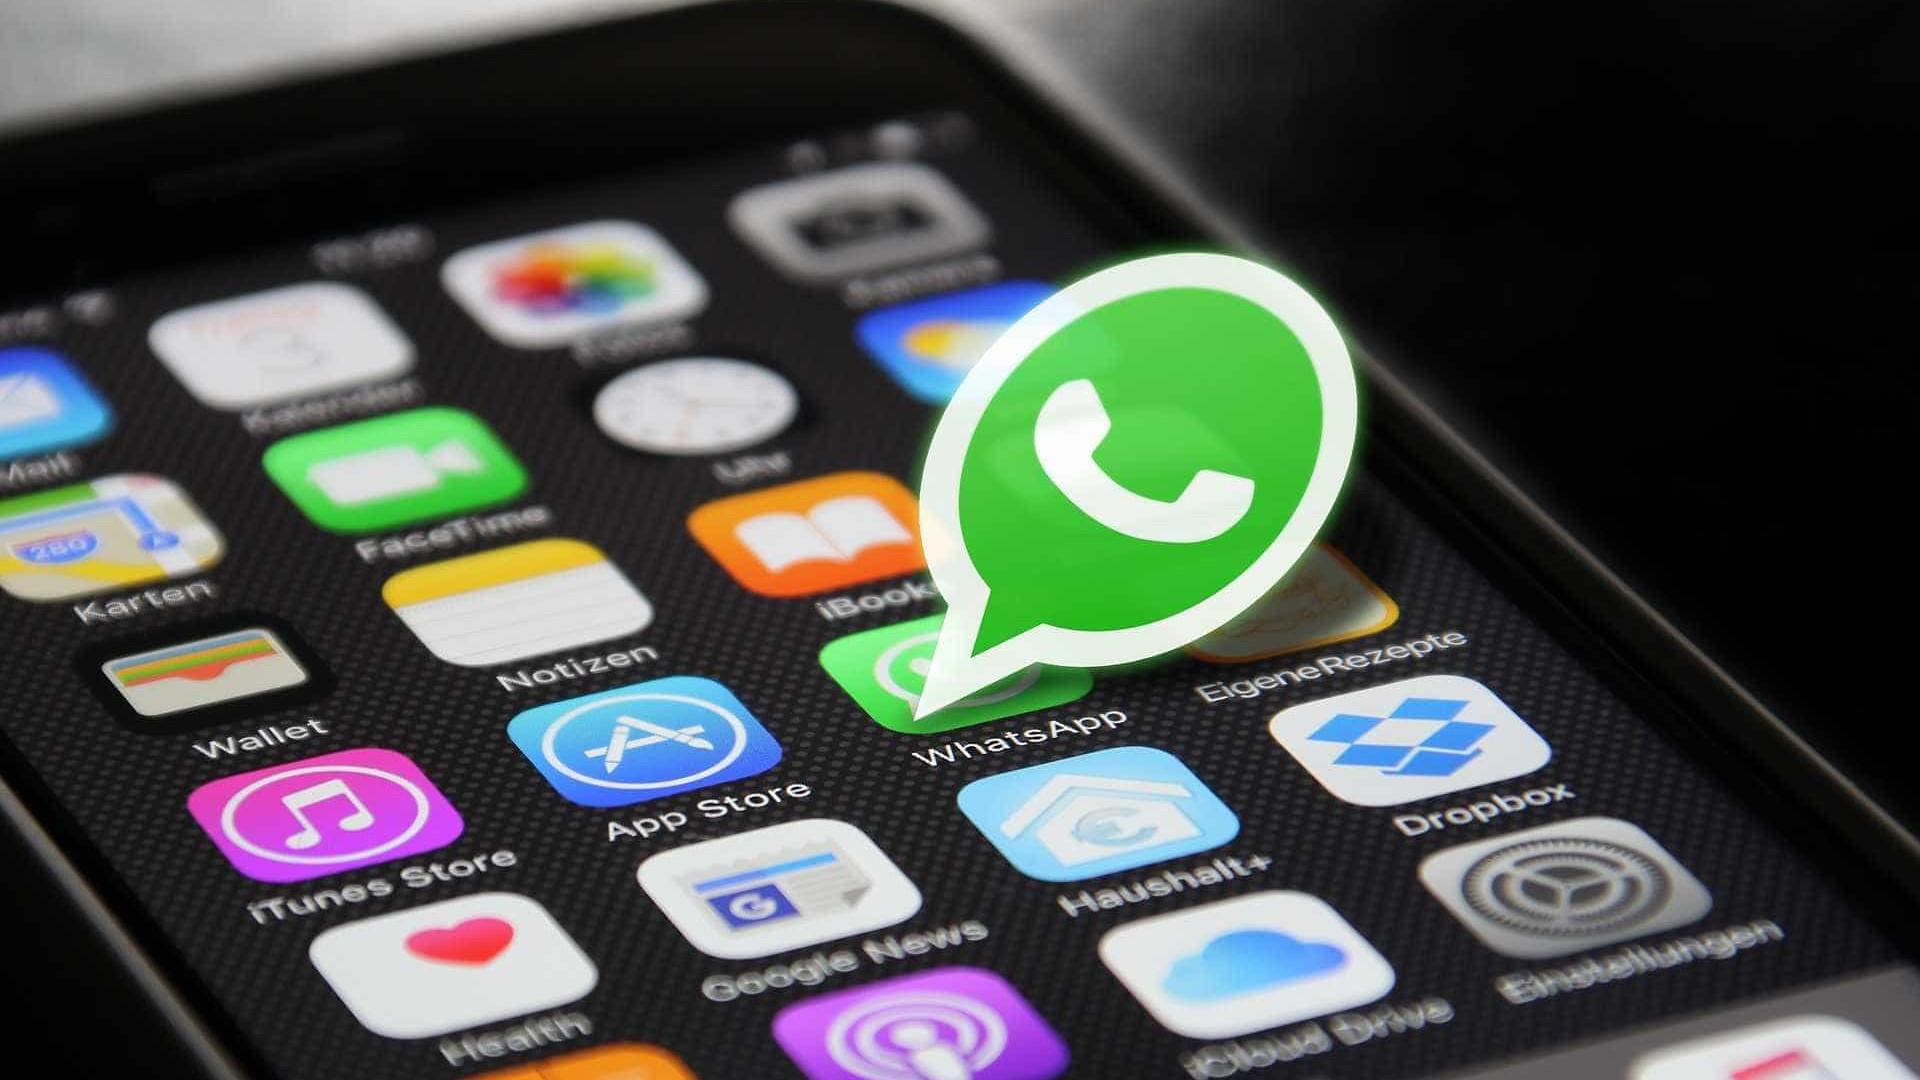 WhatsApp anuncia pacote exclusivo de emojis, mas nem tão original